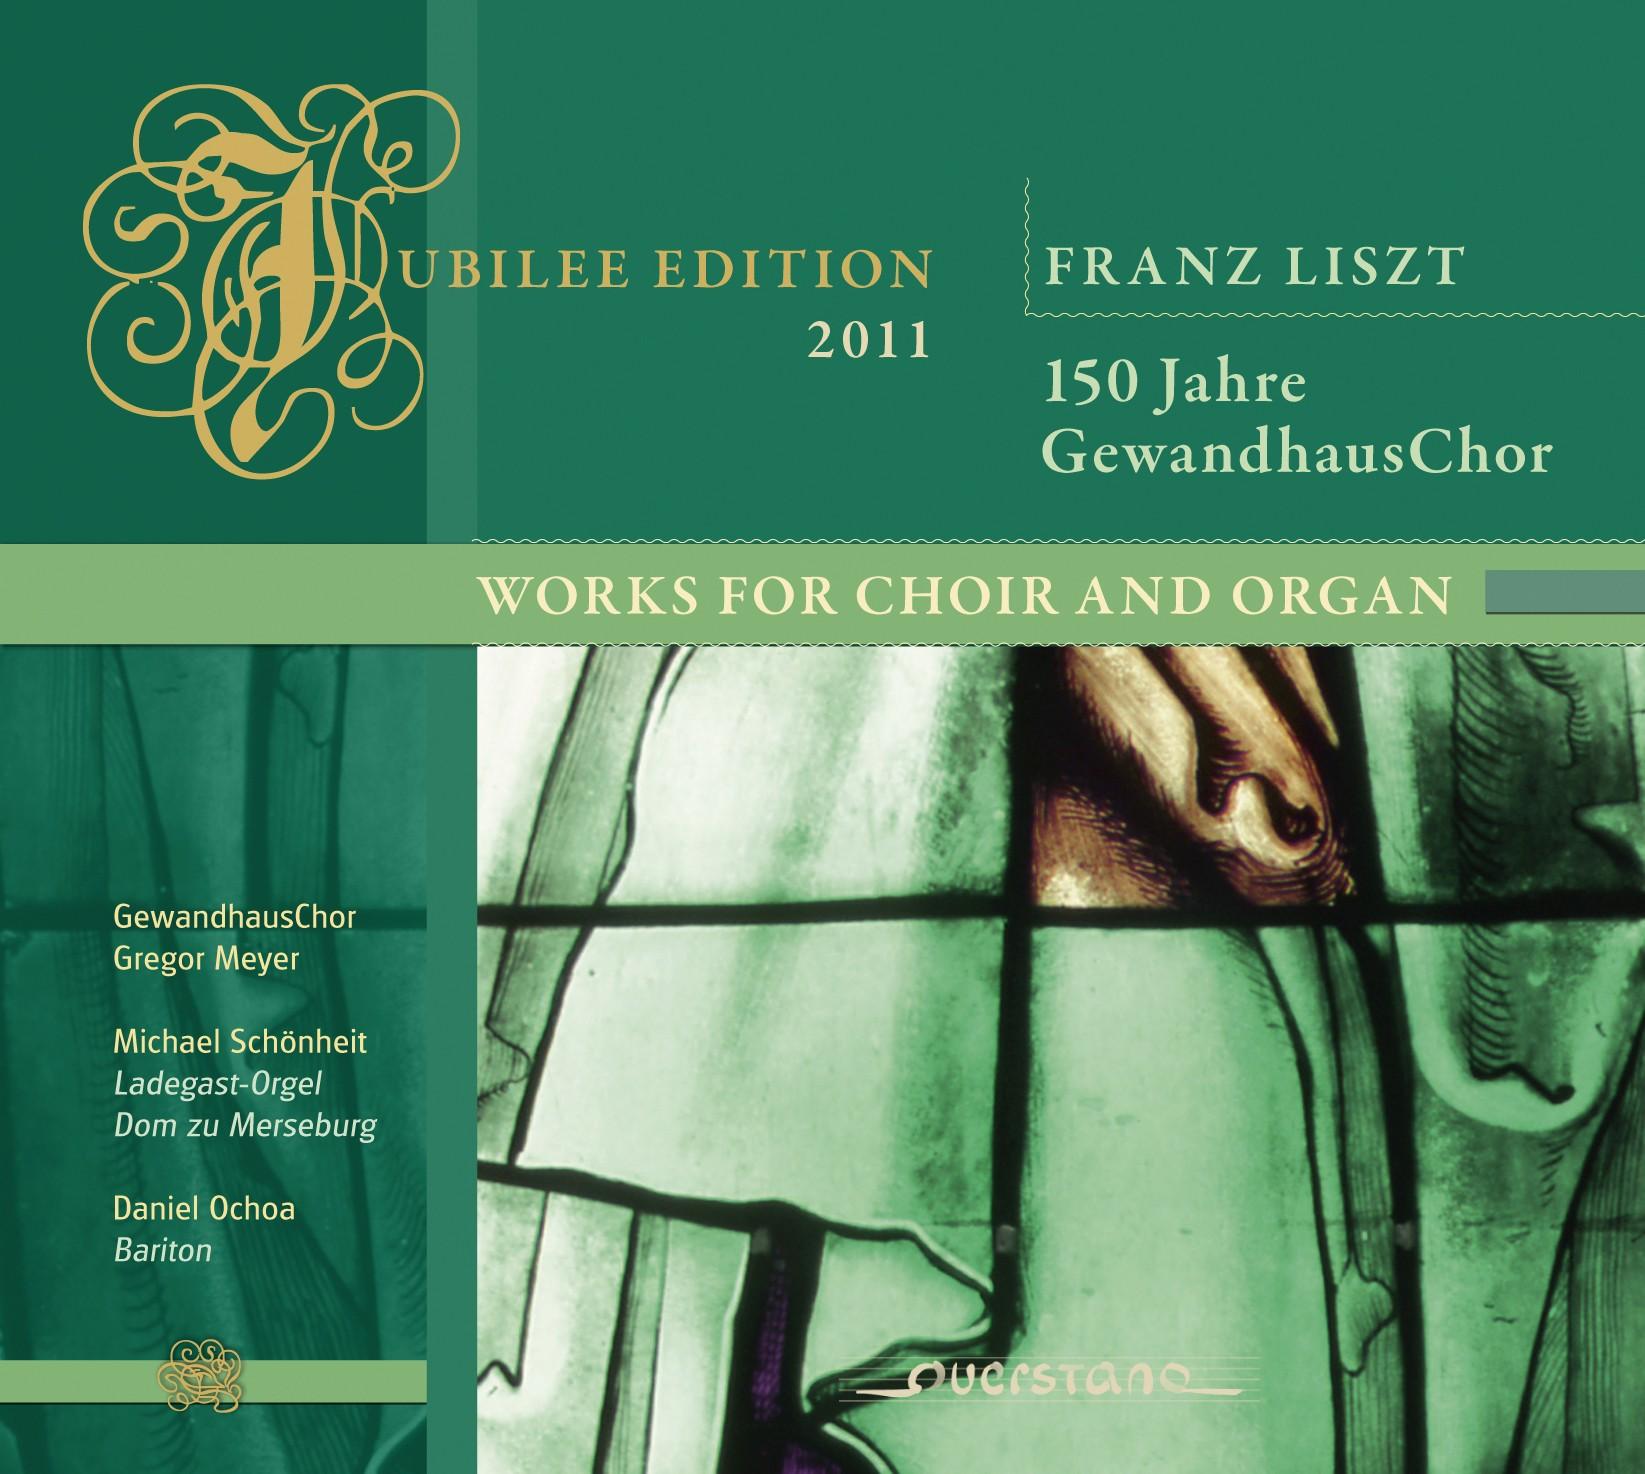 150Jahre Gewandhaus Chor - Works for Choir and Organ